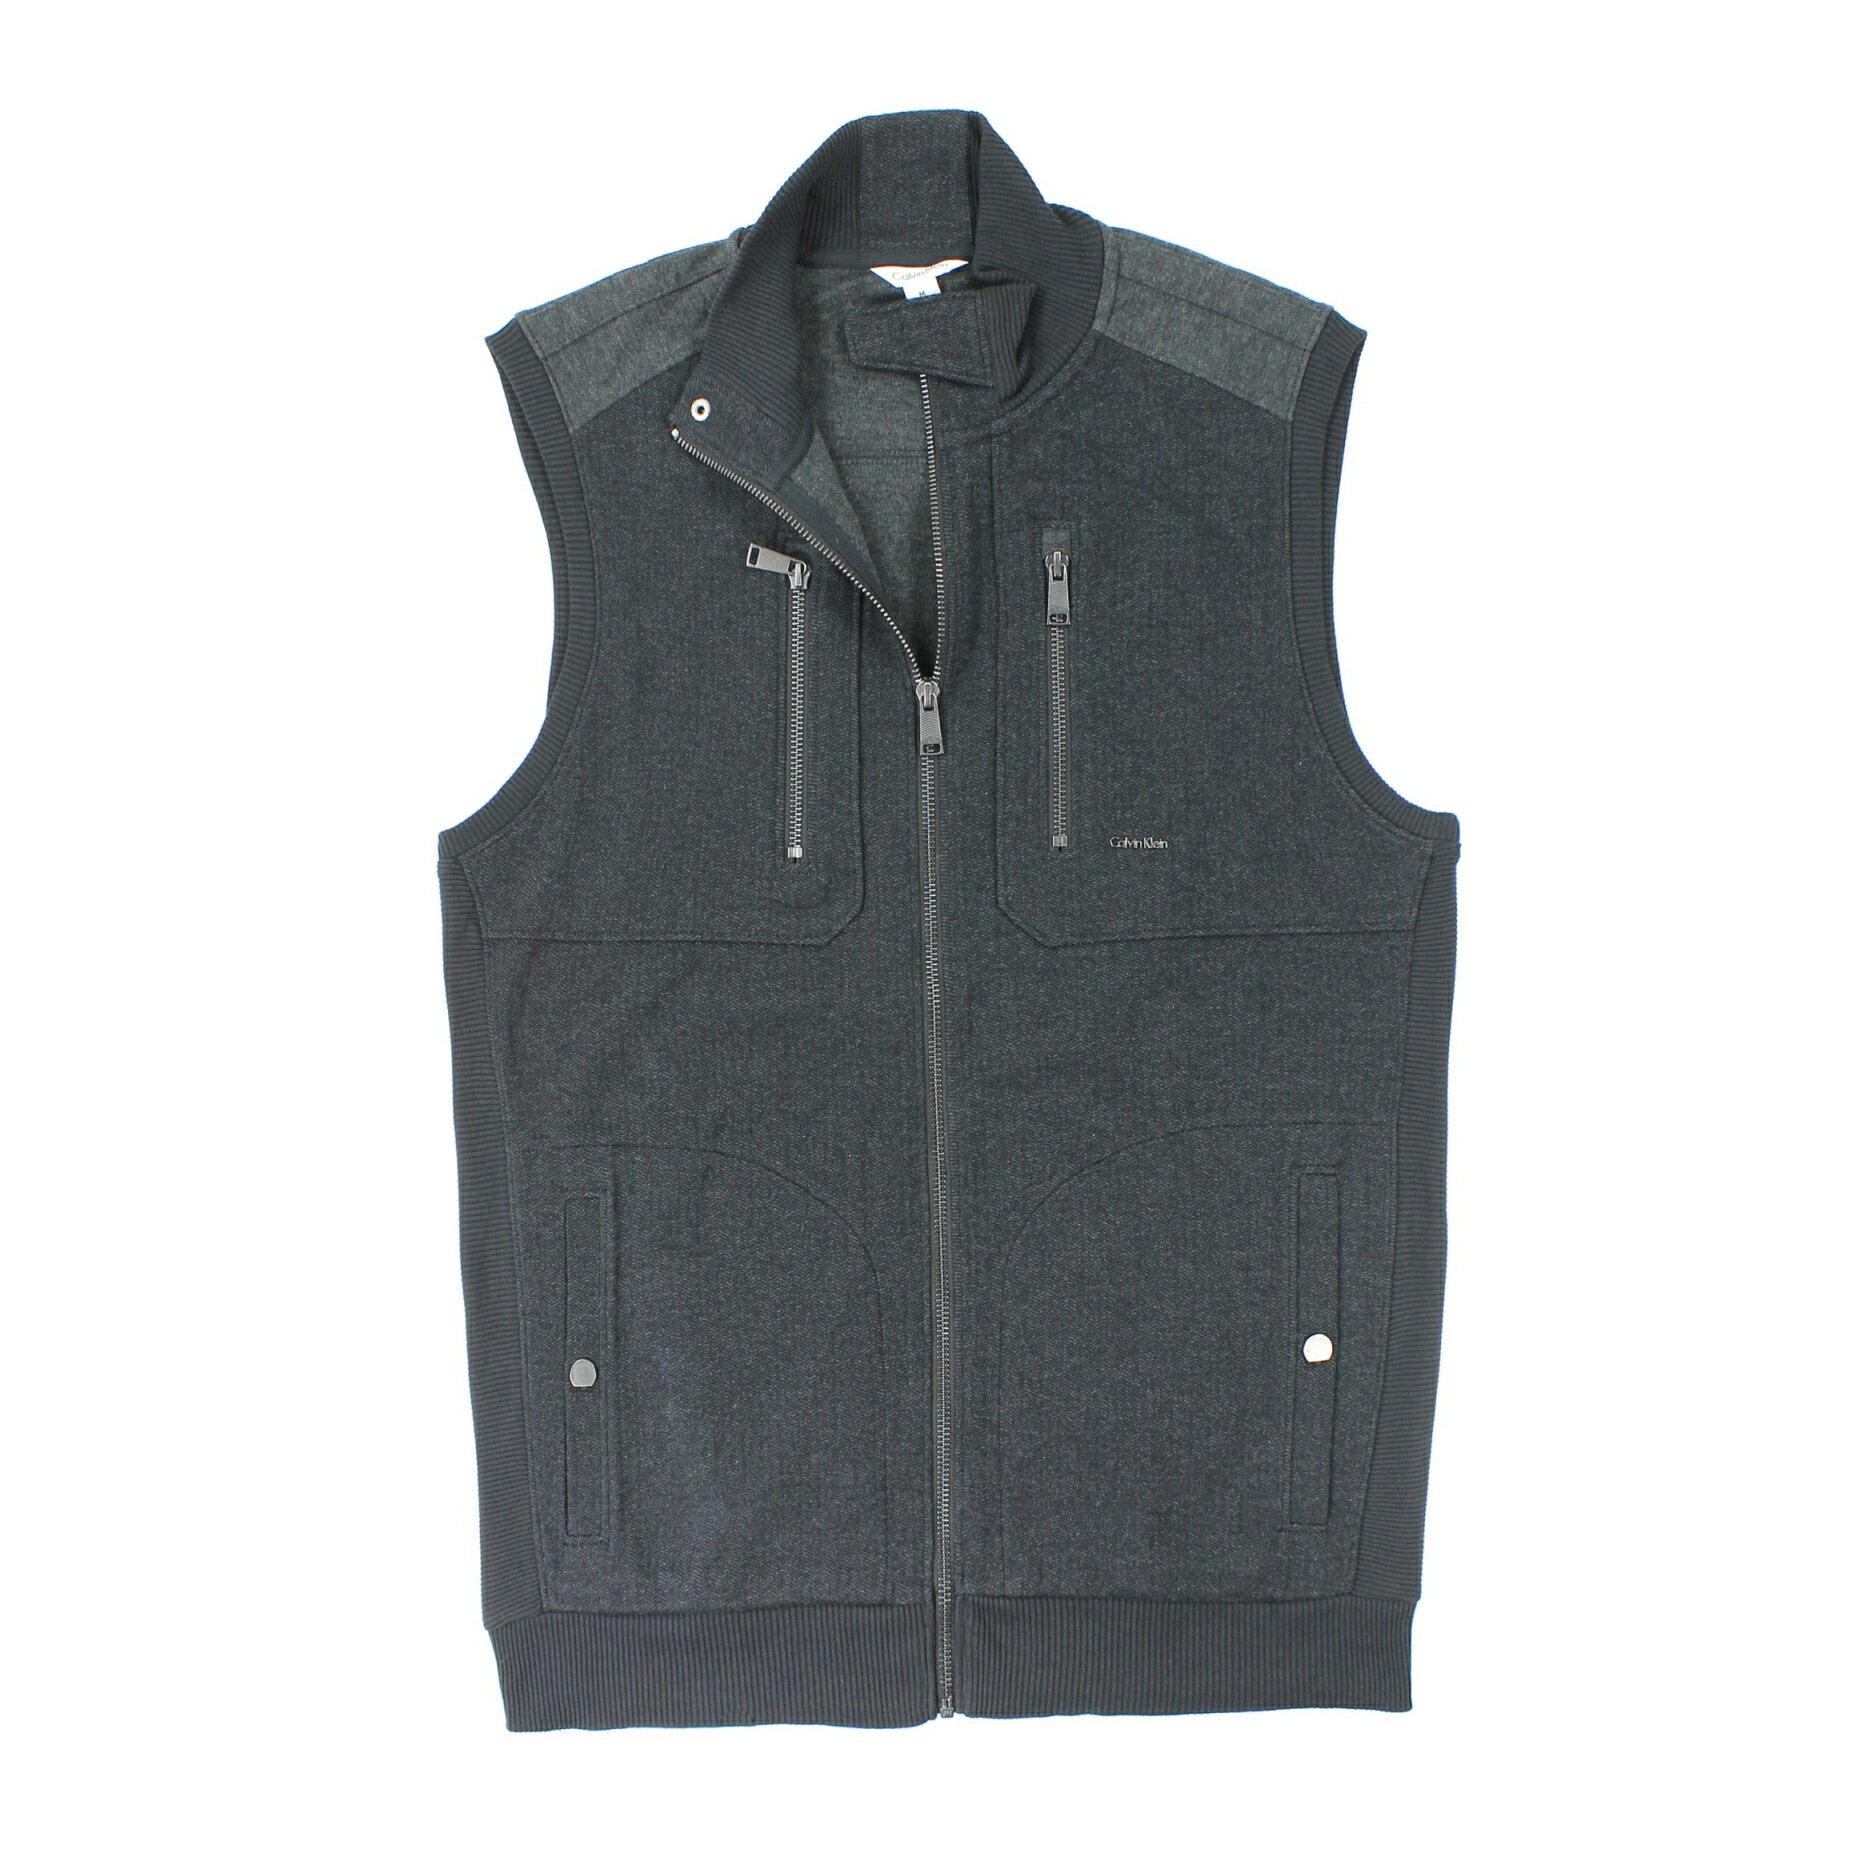 美國百分百【全新真品】Calvin Klein 背心 CK 上衣 針織 外套 灰 素面 拉鏈 純棉 男衣 M號 E022